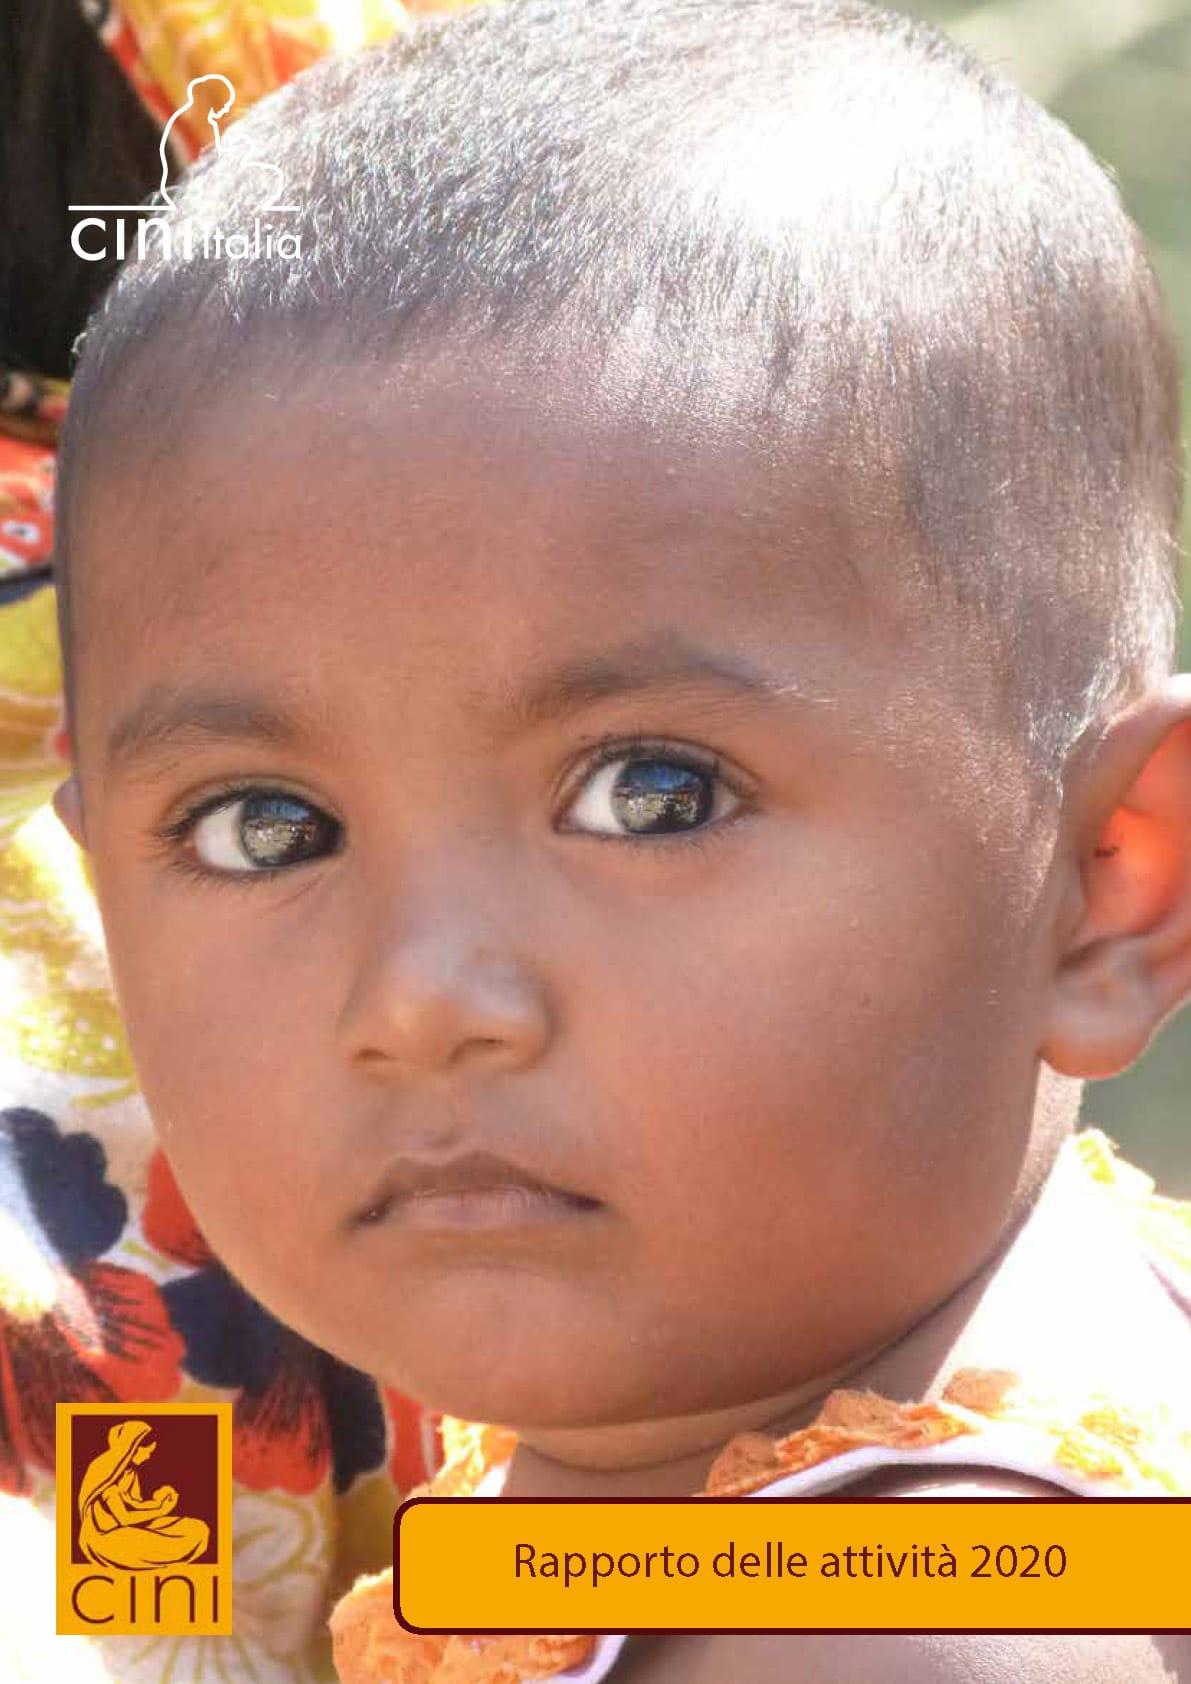 cini italia annual report attività organizzazione umanitaria child in need india